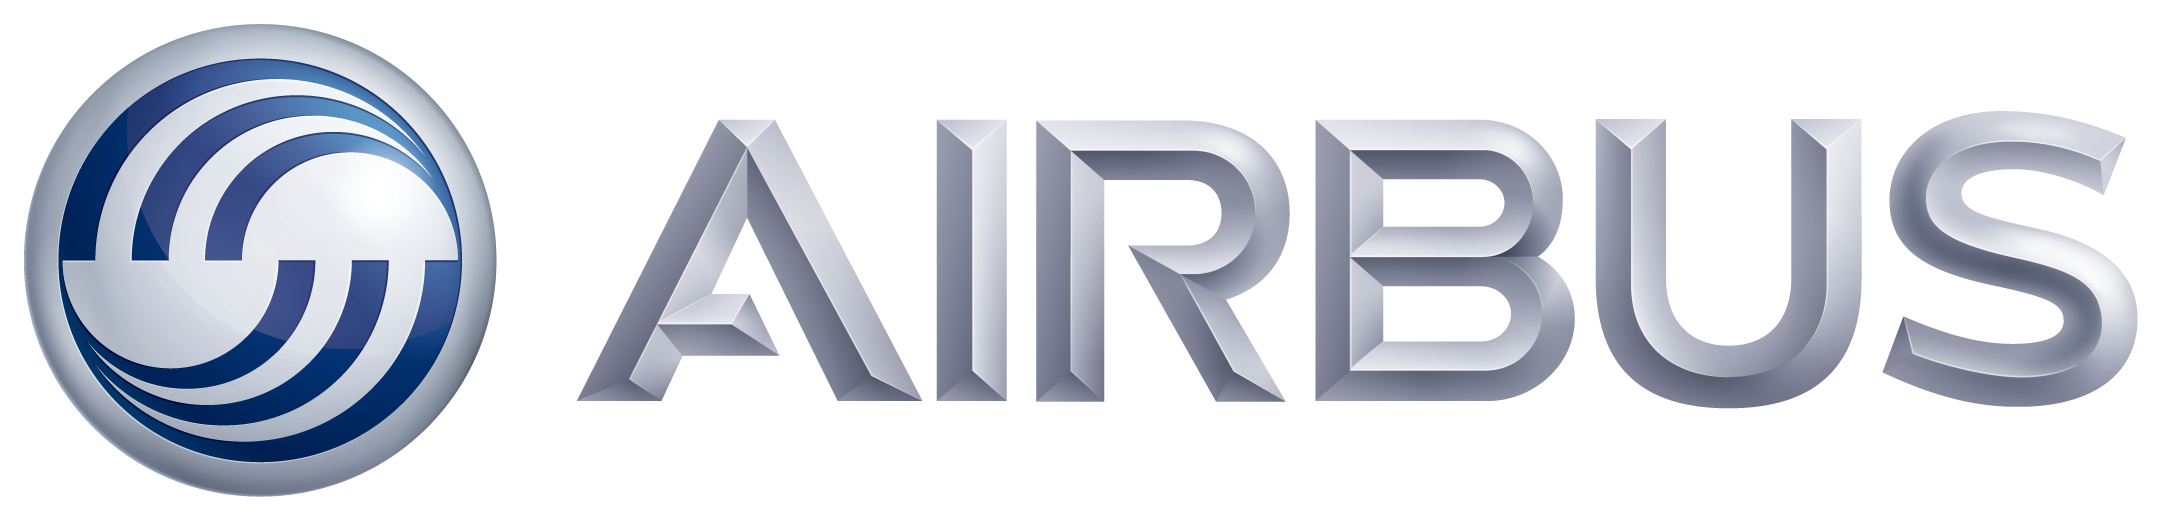 Airbus_logo_3D_Silver